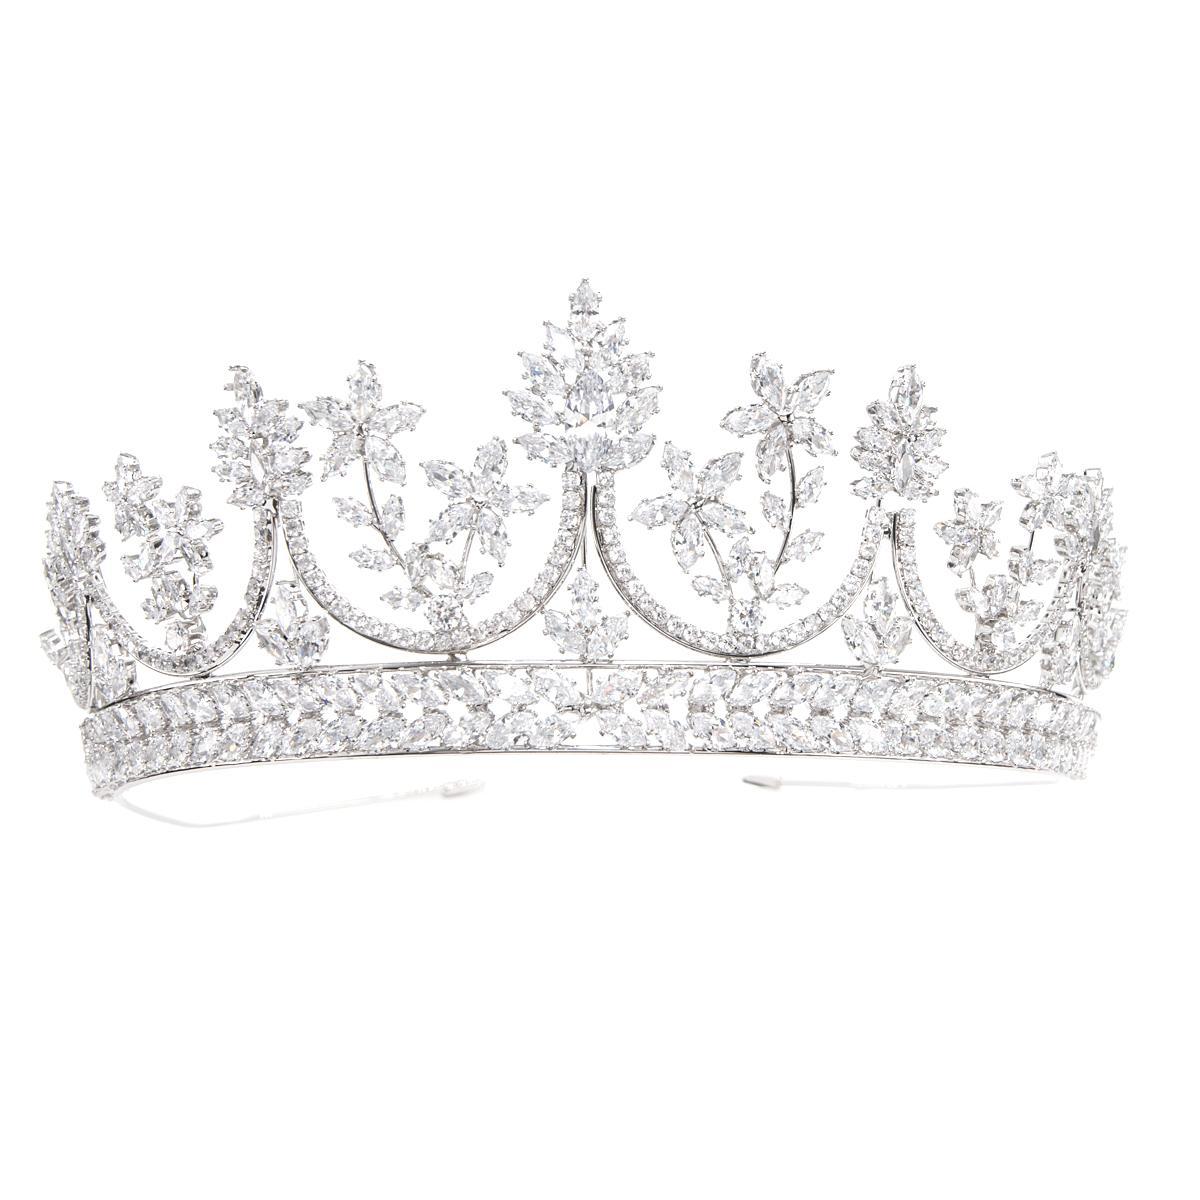 Fashional Kristaller Kübik Zirkonya Düğün Gelin Prenses Kraliyet Tiara Diadem Taç Kadınlar Balo Saç Takı Aksesuarları HG31251